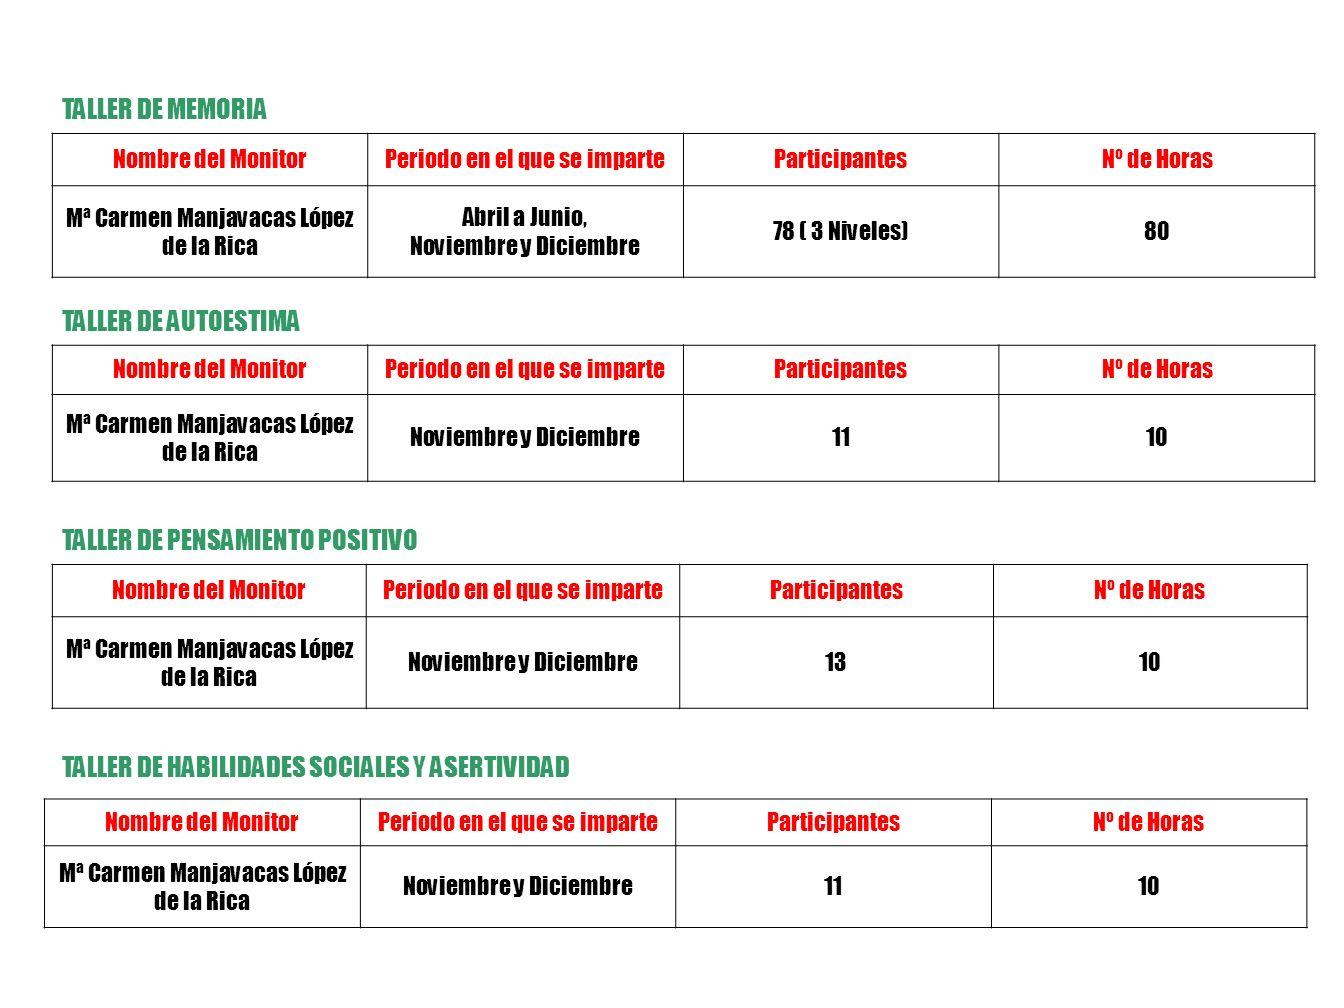 1.-AREA DE PROMOCION DE LA AUTONOMIA PERSONAL Y EL ENVEJECIMIENTO SALUDABLE GIMNASIA Nombre del MonitorPeriodo en el que se imparteParticipantesNº de Horas Pilar Losa Romero de Ávila Enero a Mayo y Octubre a Diciembre 4245 Observaciones: Se imparten otras 45 horas a cargo de Adecam Nombre del MonitorPeriodo en el que se imparteParticipantesNº de Horas Pilar Losa Romero de Ávila Enero a Mayo y Octubre a Diciembre 34113 TAI-CHI RUTA SENDERISTA Nombre del MonitorPeriodo en el que se imparteParticipantesNº de Horas Pilar Losa Romero de Ávila.- Organizada por Adecam 14 de Abril353